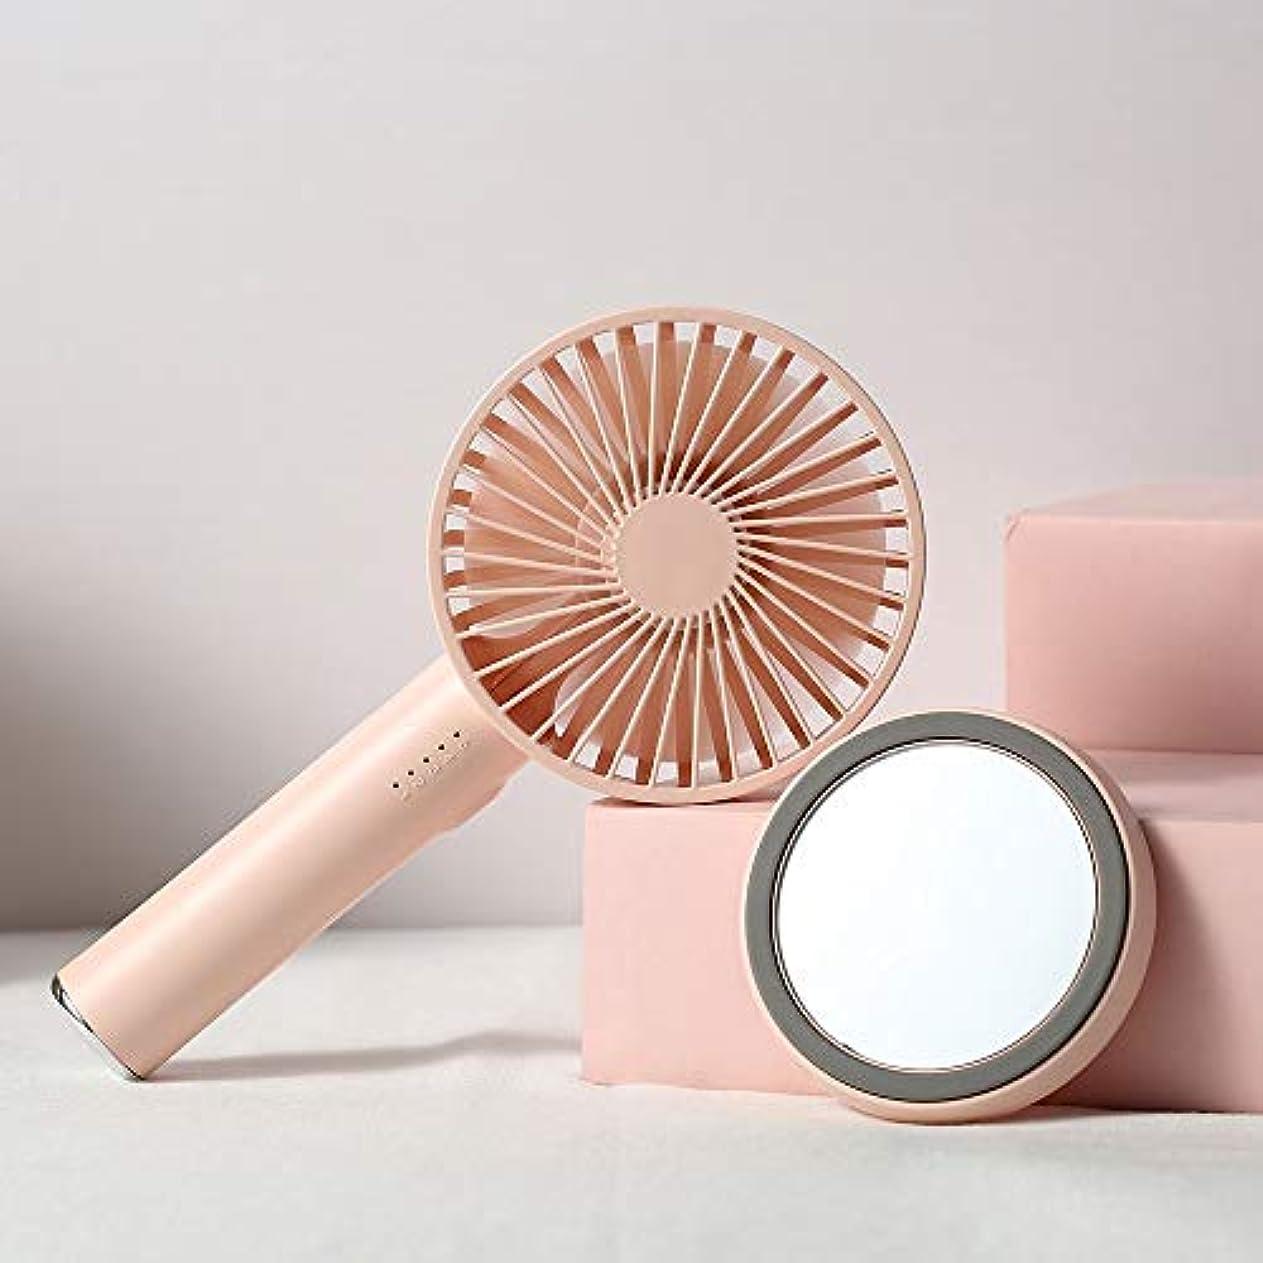 リットルドラマインシュレータ流行の クリエイティブ新しいファンの化粧鏡の手持ち型の無声ファン5速調整ポータブル屋外の美しさのミラーミラー2つの黄色のモデルピンク (色 : Pink)